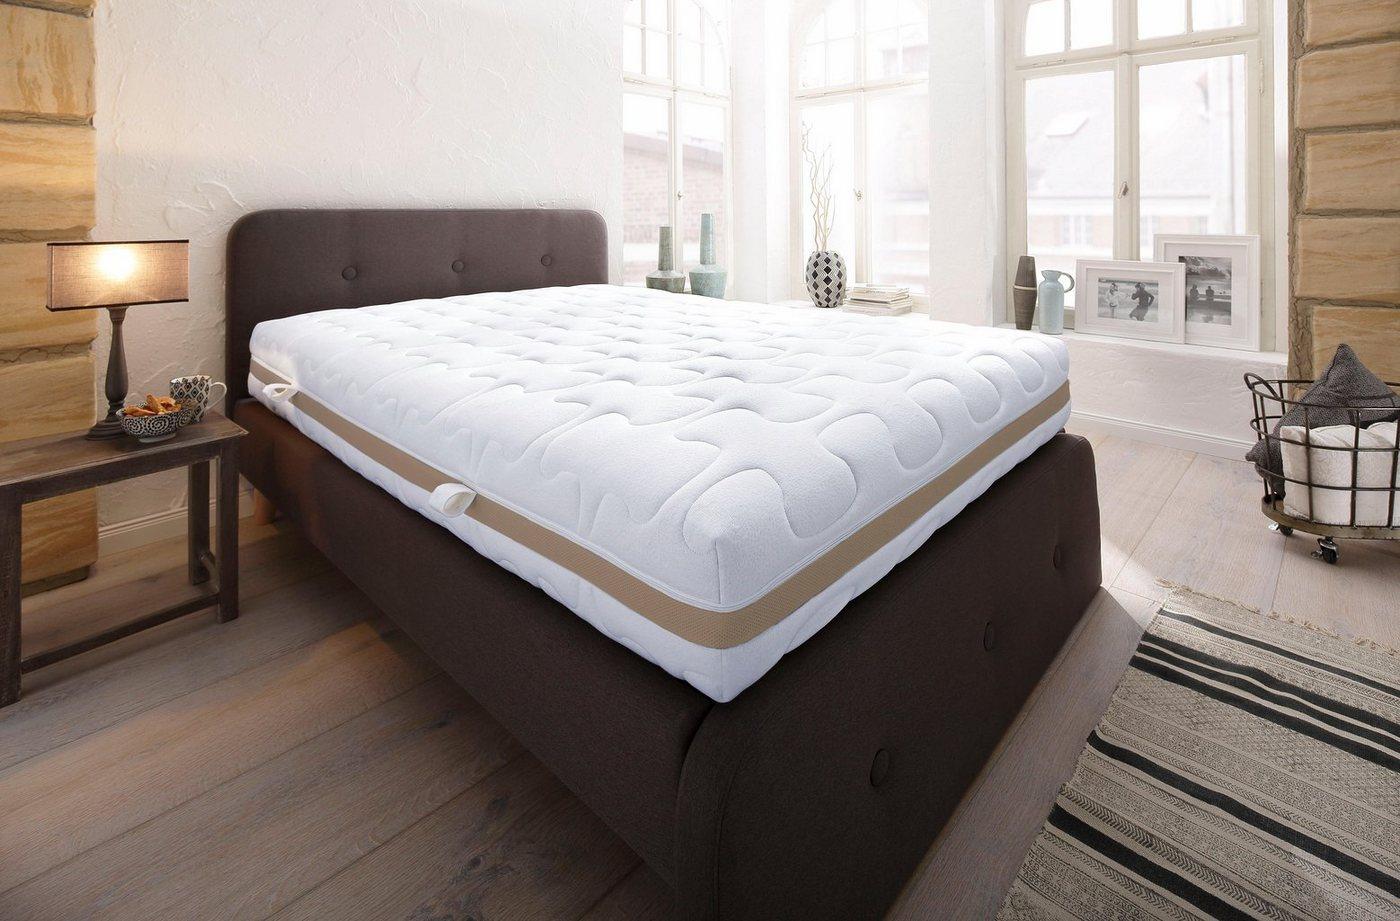 Matratzen - Komfortschaummatratze »Platin«, Beco, 25 cm hoch, Raumgewicht 40, (1 tlg), Zum Vorteilspreis für alle Härten Größen  - Onlineshop OTTO